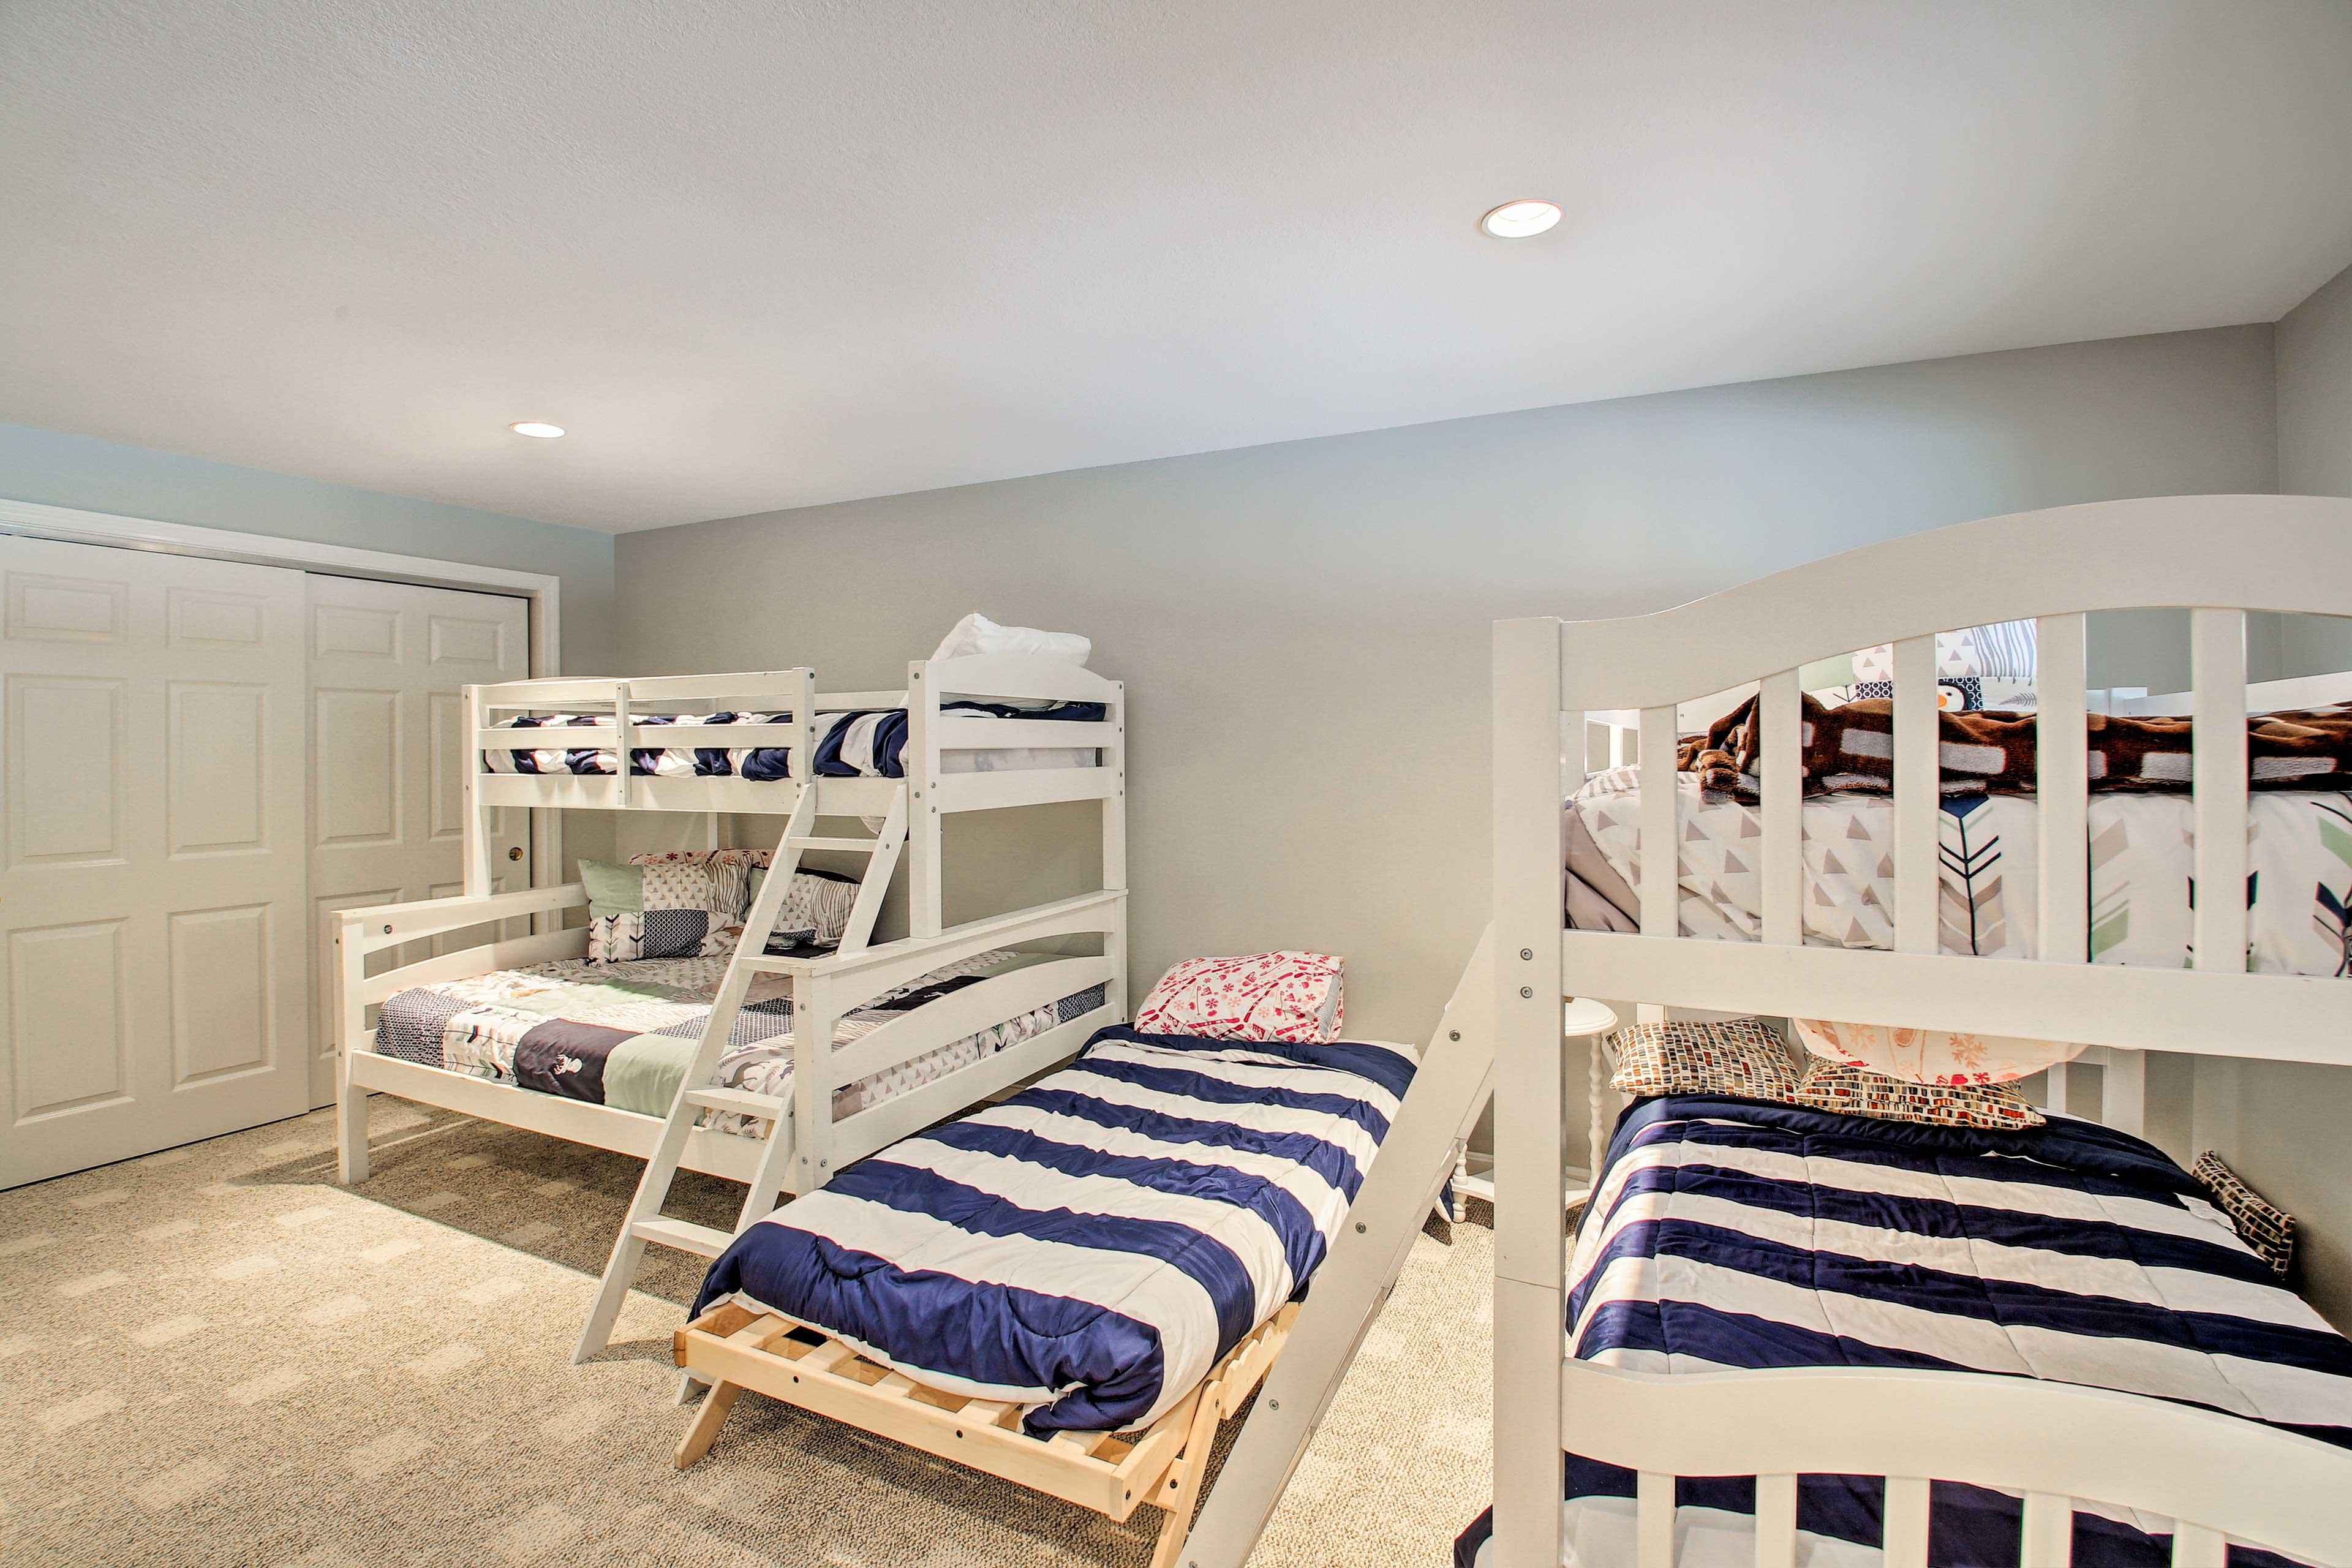 Kids will love slumber parties in the bunk room!